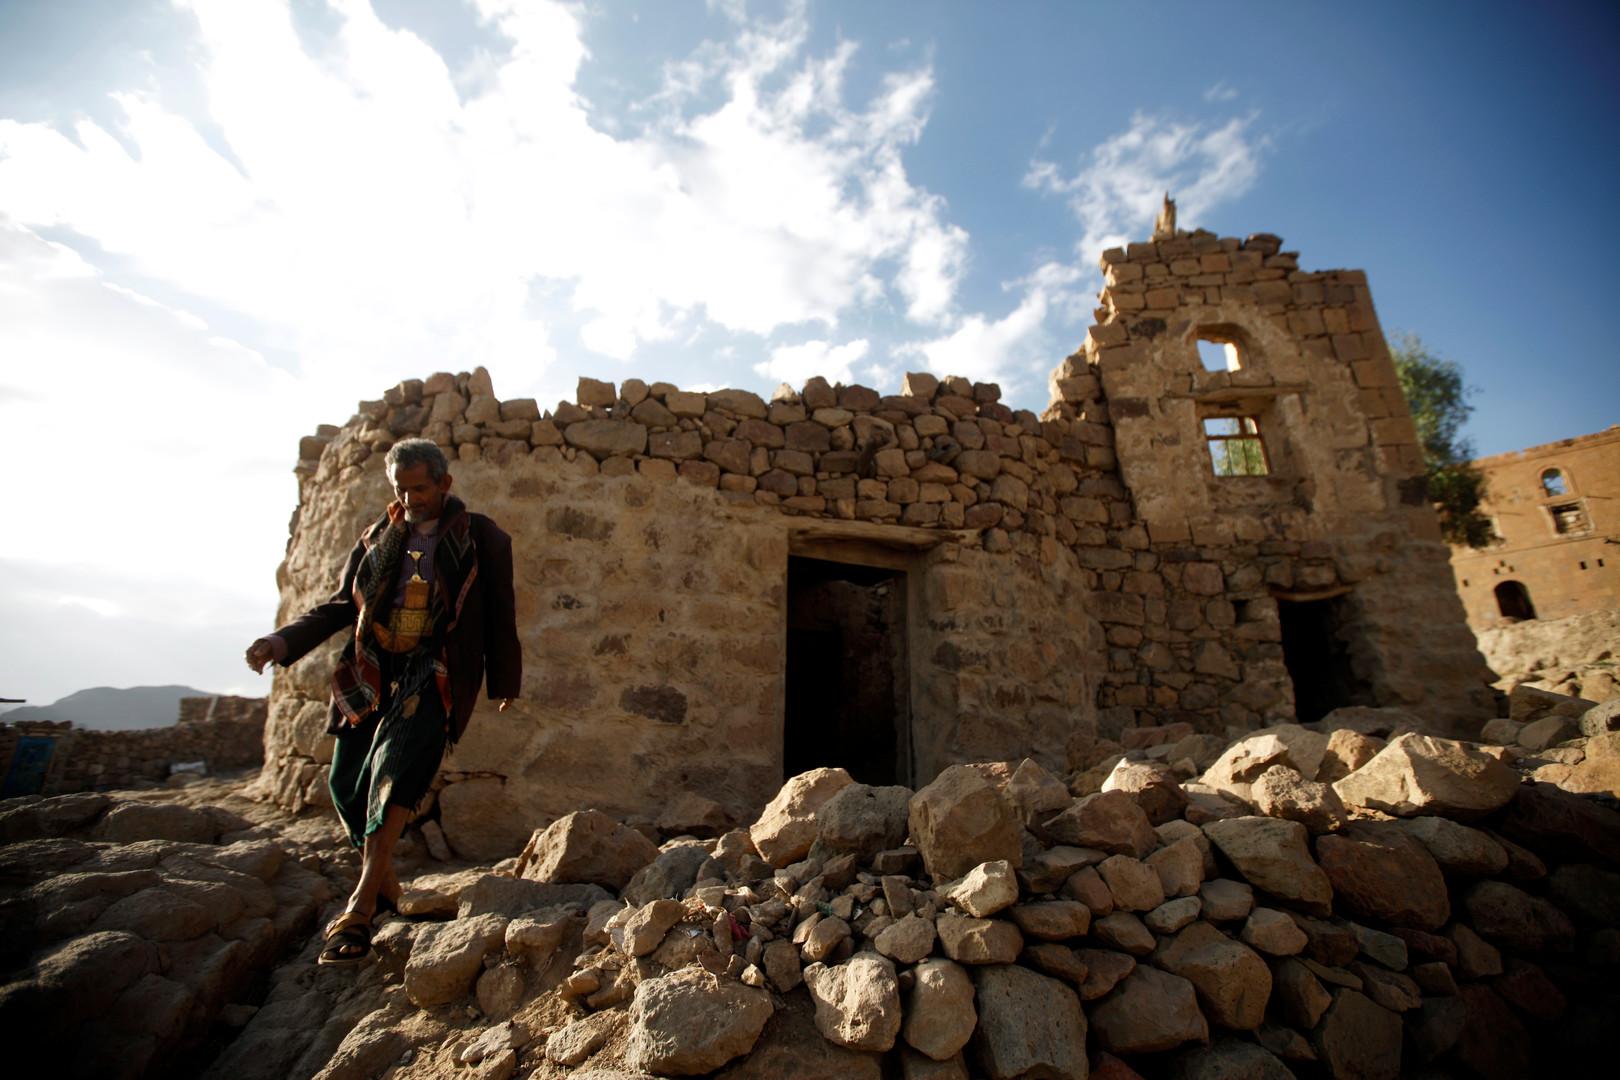 التحالف العربي يرفض اتهامه بضرب 4 مواقع مدنية في اليمن